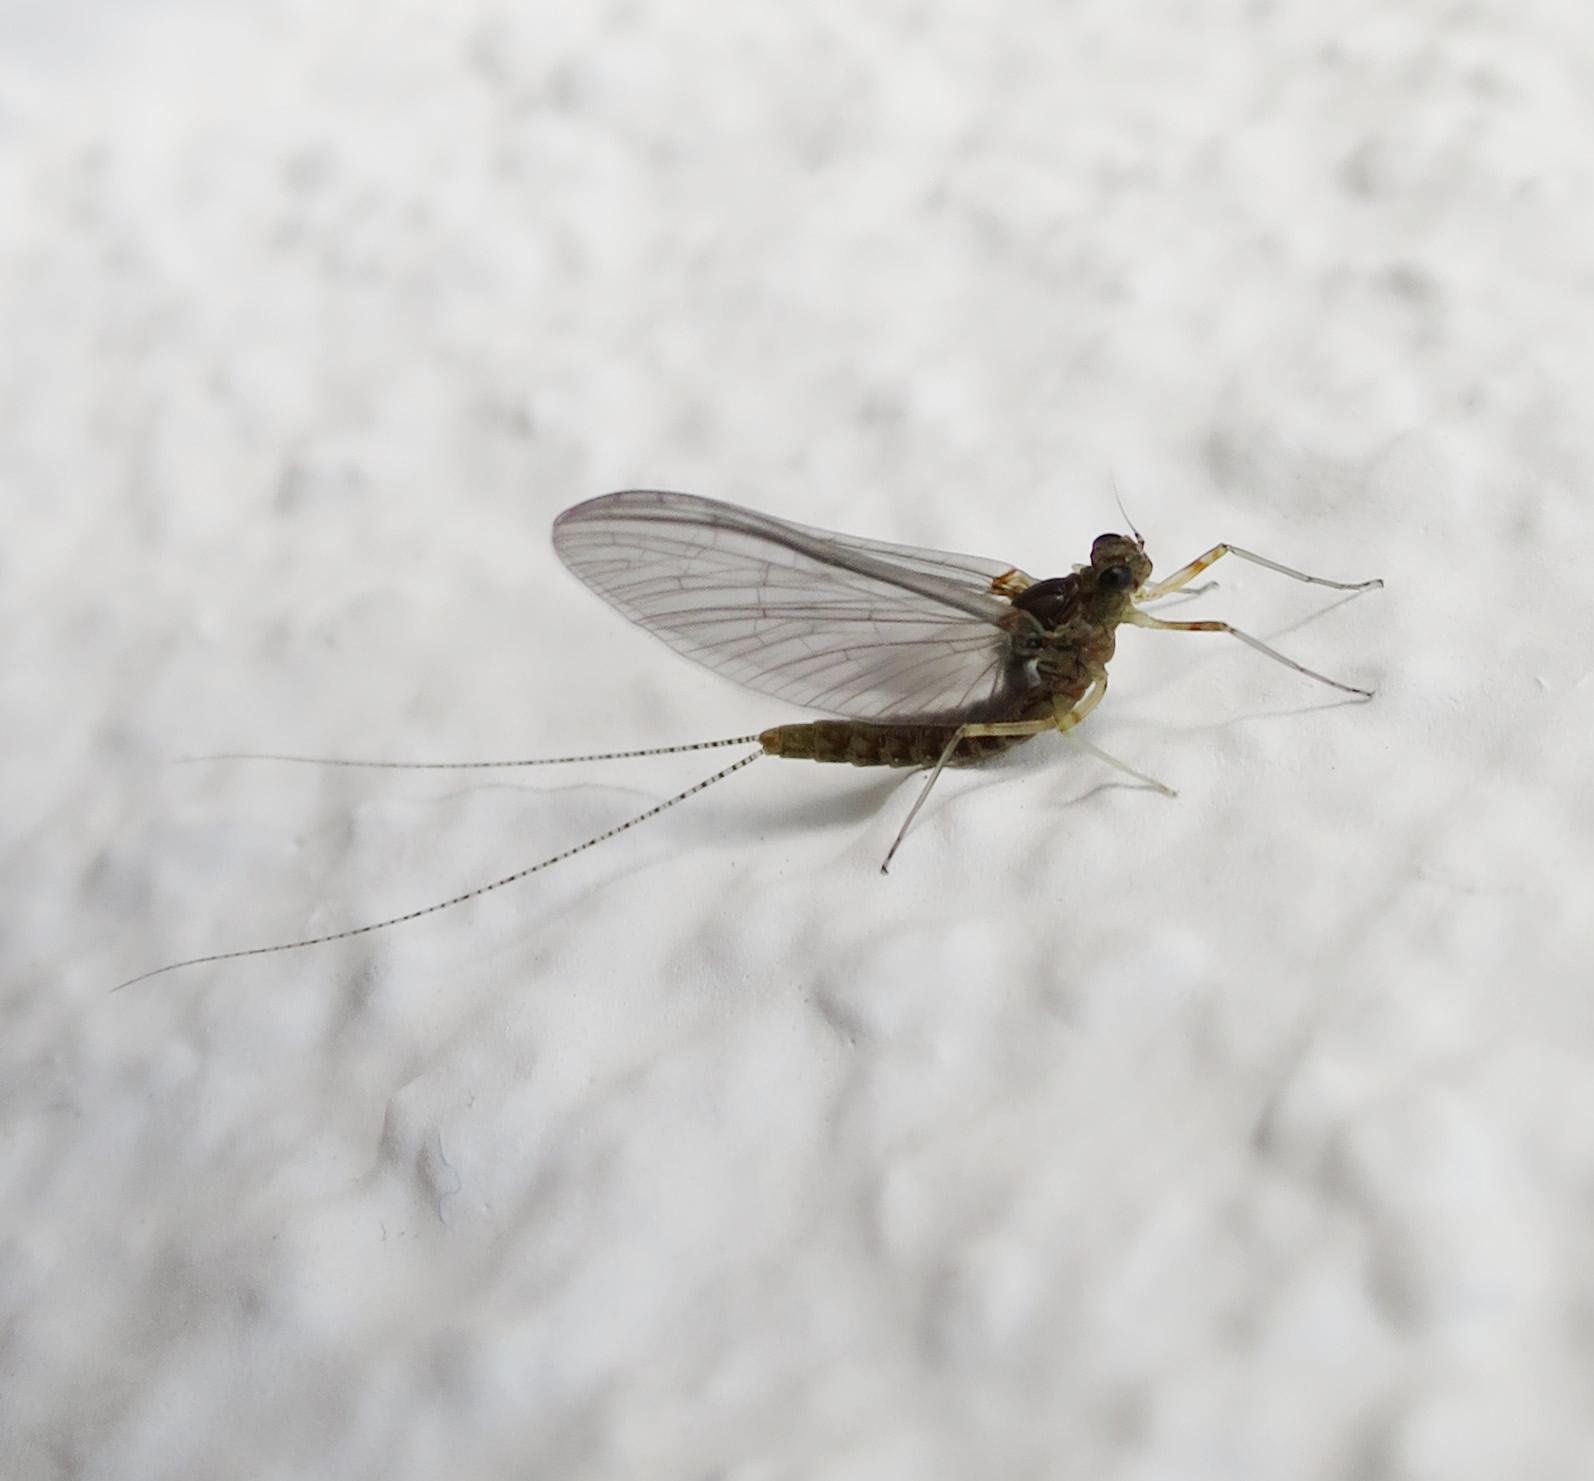 was ist das f r ein insekt und wie hei t es insekten sch dlinge. Black Bedroom Furniture Sets. Home Design Ideas